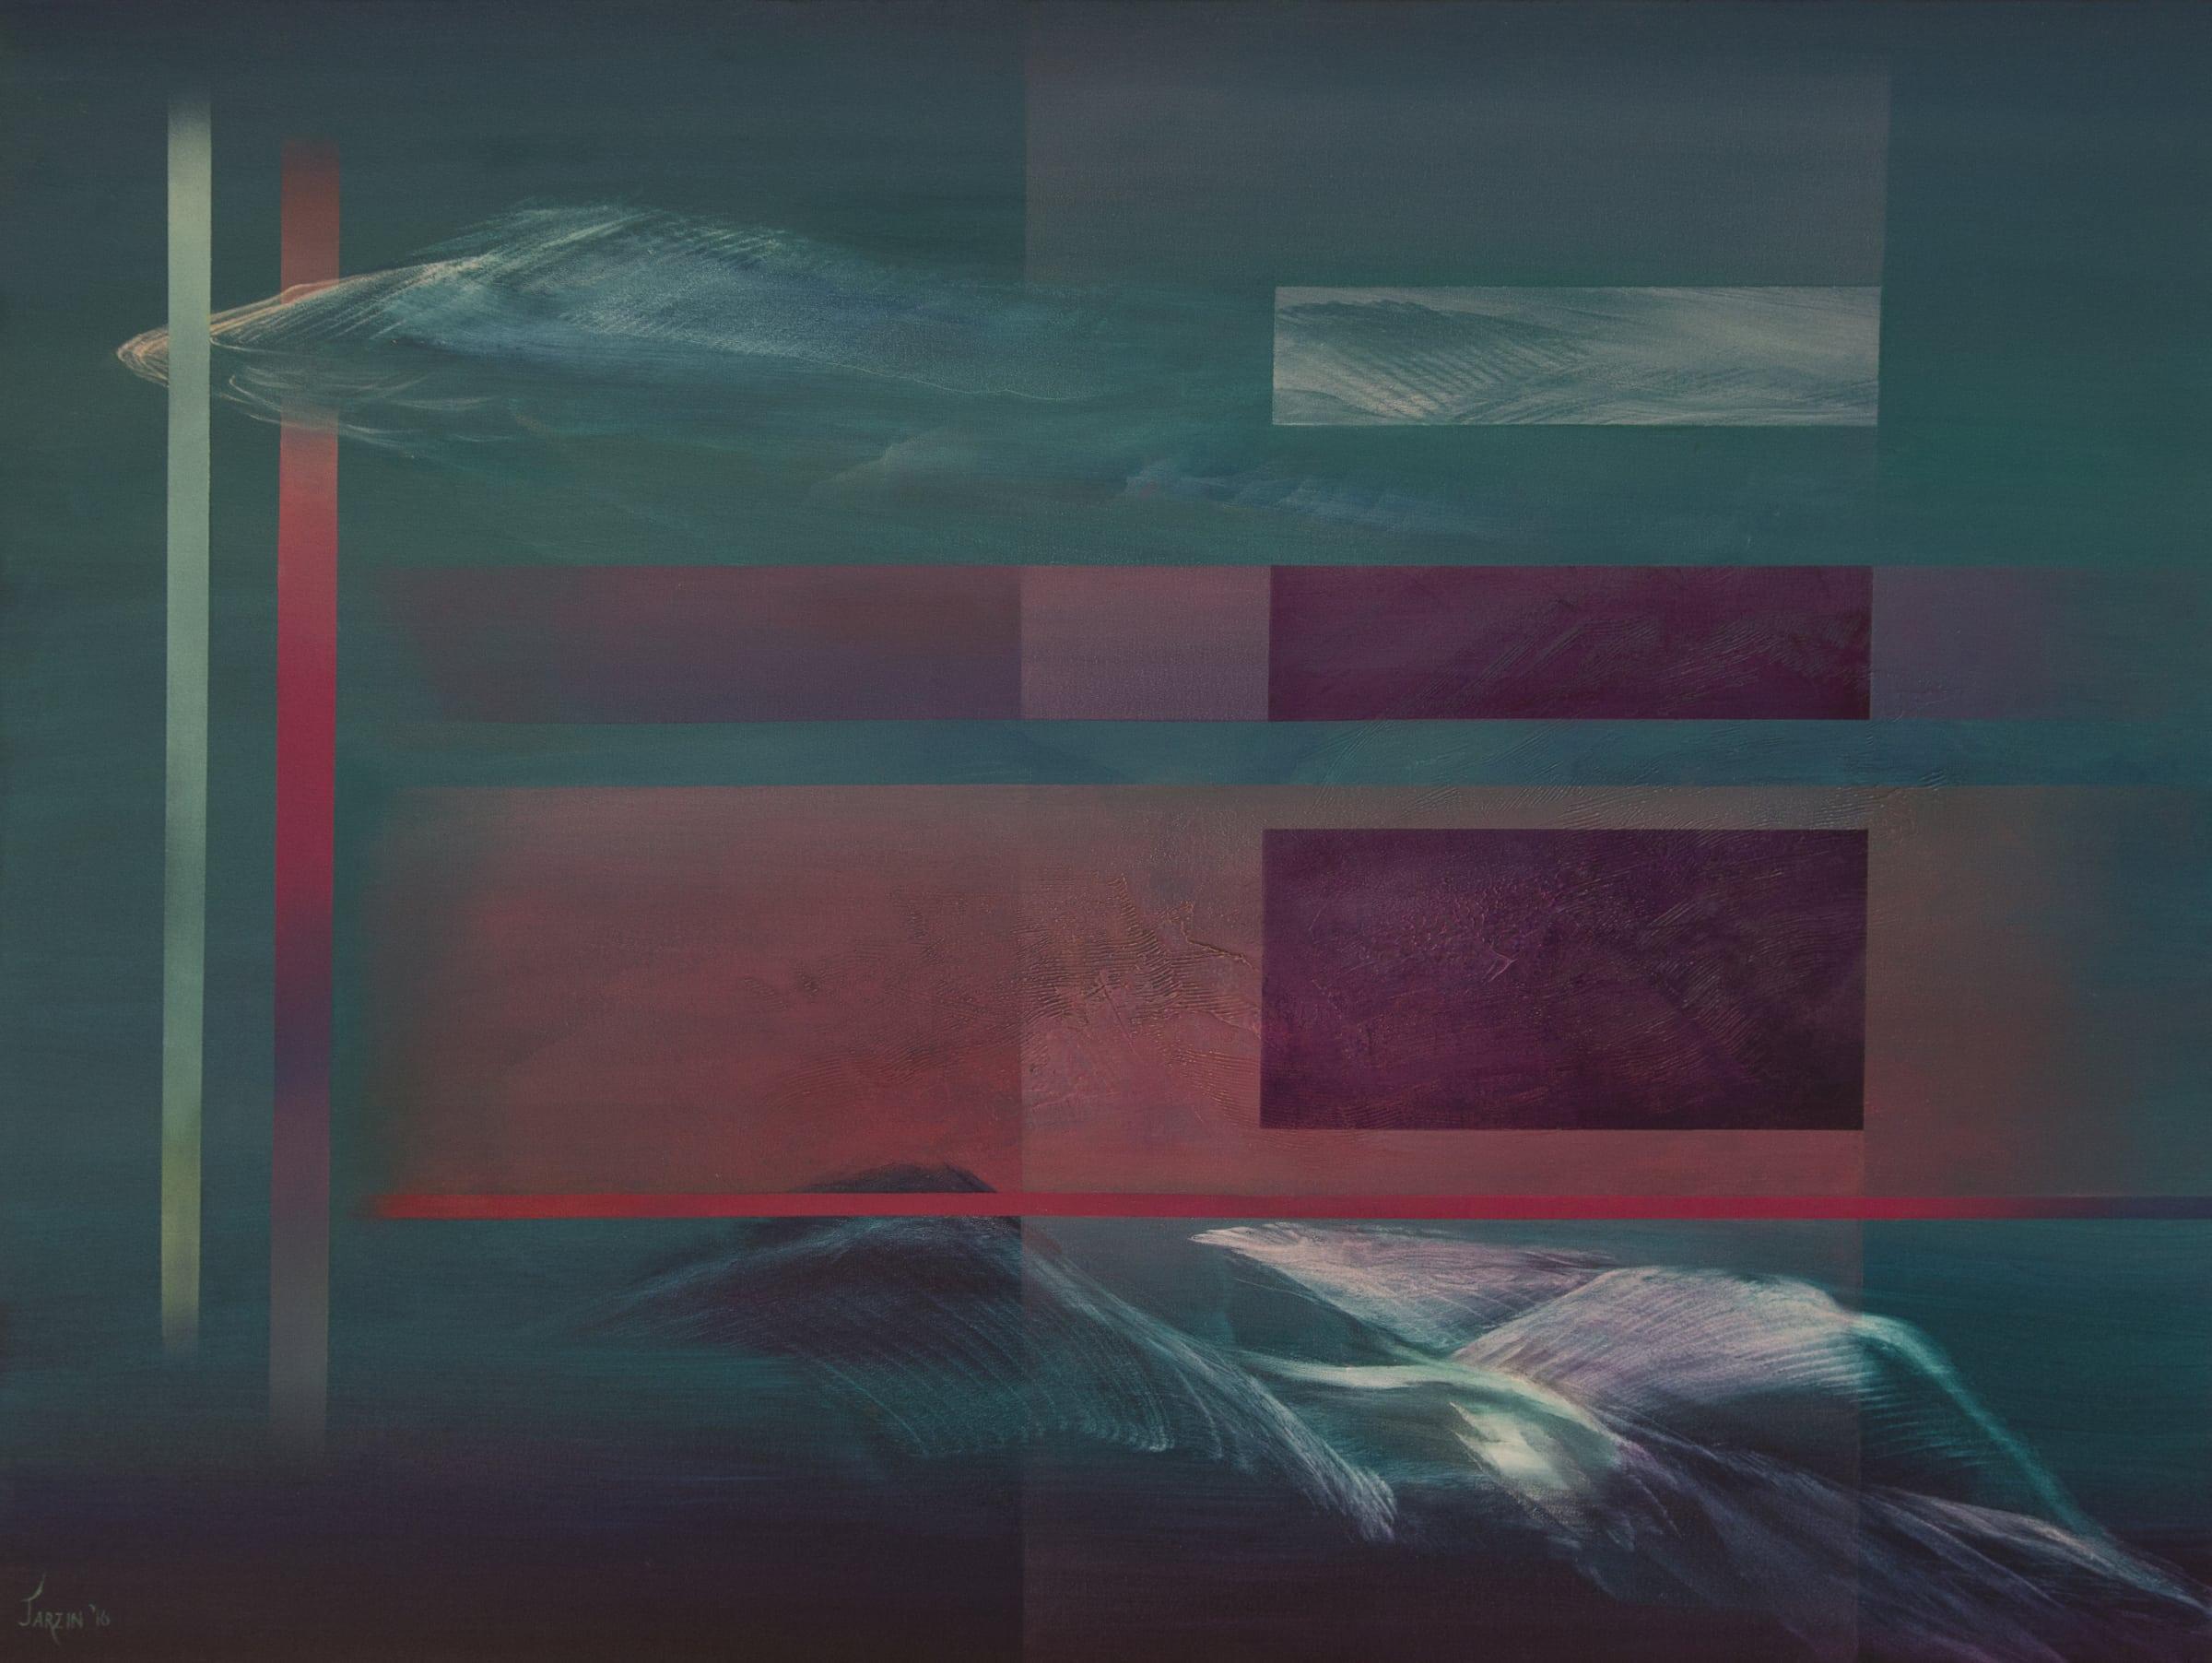 <span class=&#34;link fancybox-details-link&#34;><a href=&#34;/artworks/categories/120/3084-sheila-jarzin-seascape-3-2016/&#34;>View Detail Page</a></span><div class=&#34;artist&#34;><strong>Sheila Jarzin</strong></div> <div class=&#34;title&#34;><em>Seascape 3</em>, 2016</div> <div class=&#34;medium&#34;>Oil on Canvas</div> <div class=&#34;dimensions&#34;>76cm x 102cm</div><div class=&#34;price&#34;>R11,200.00</div>